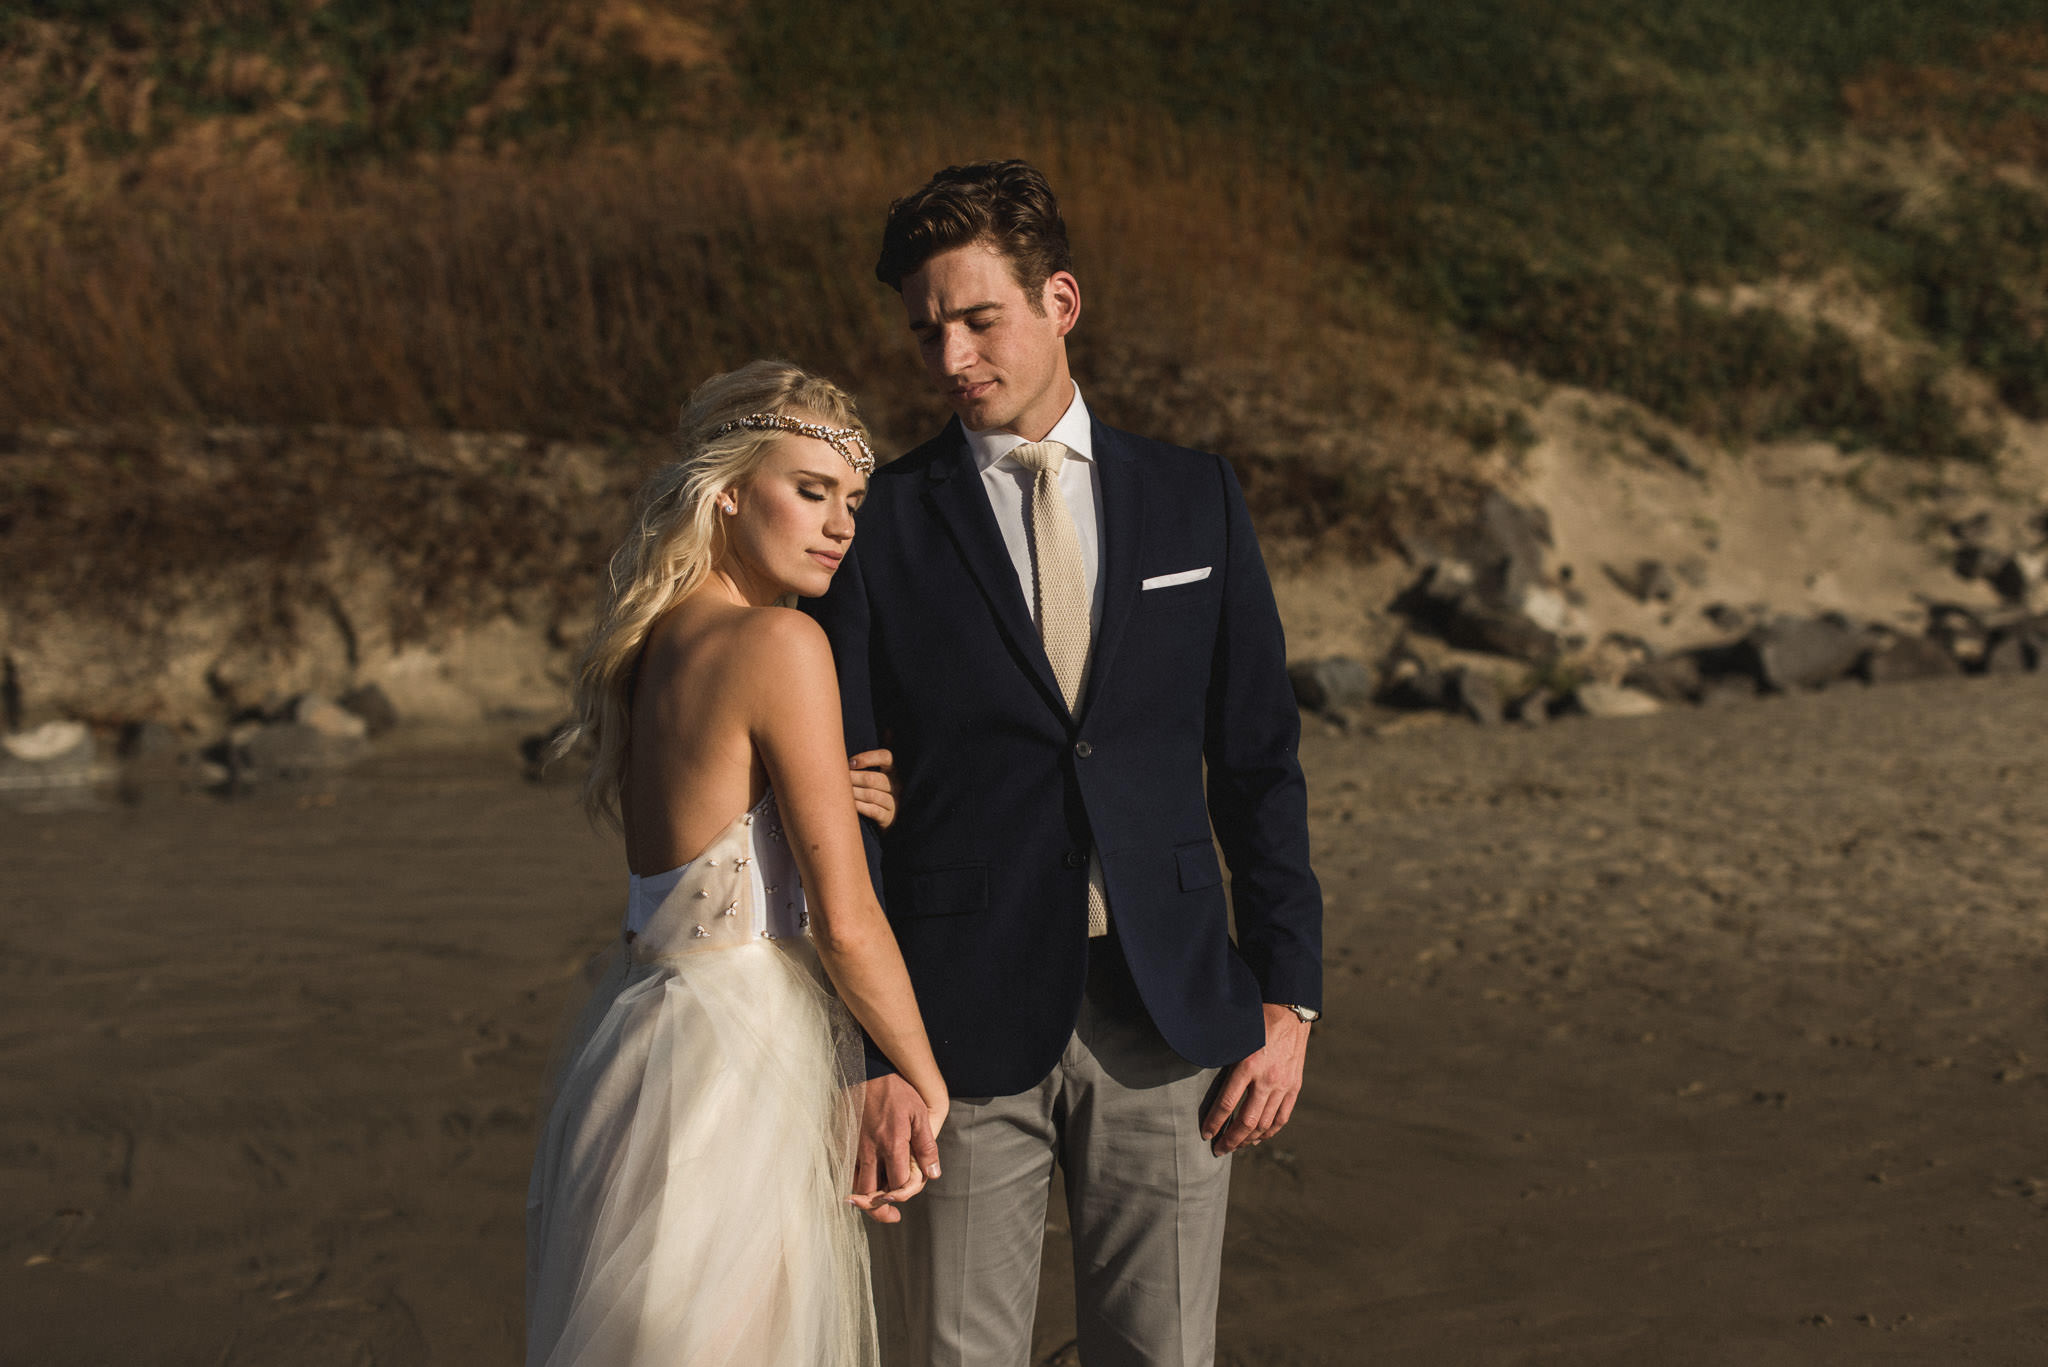 Cannon-Beach-Oregon-Adventure-elopement-engagement-photographer-17